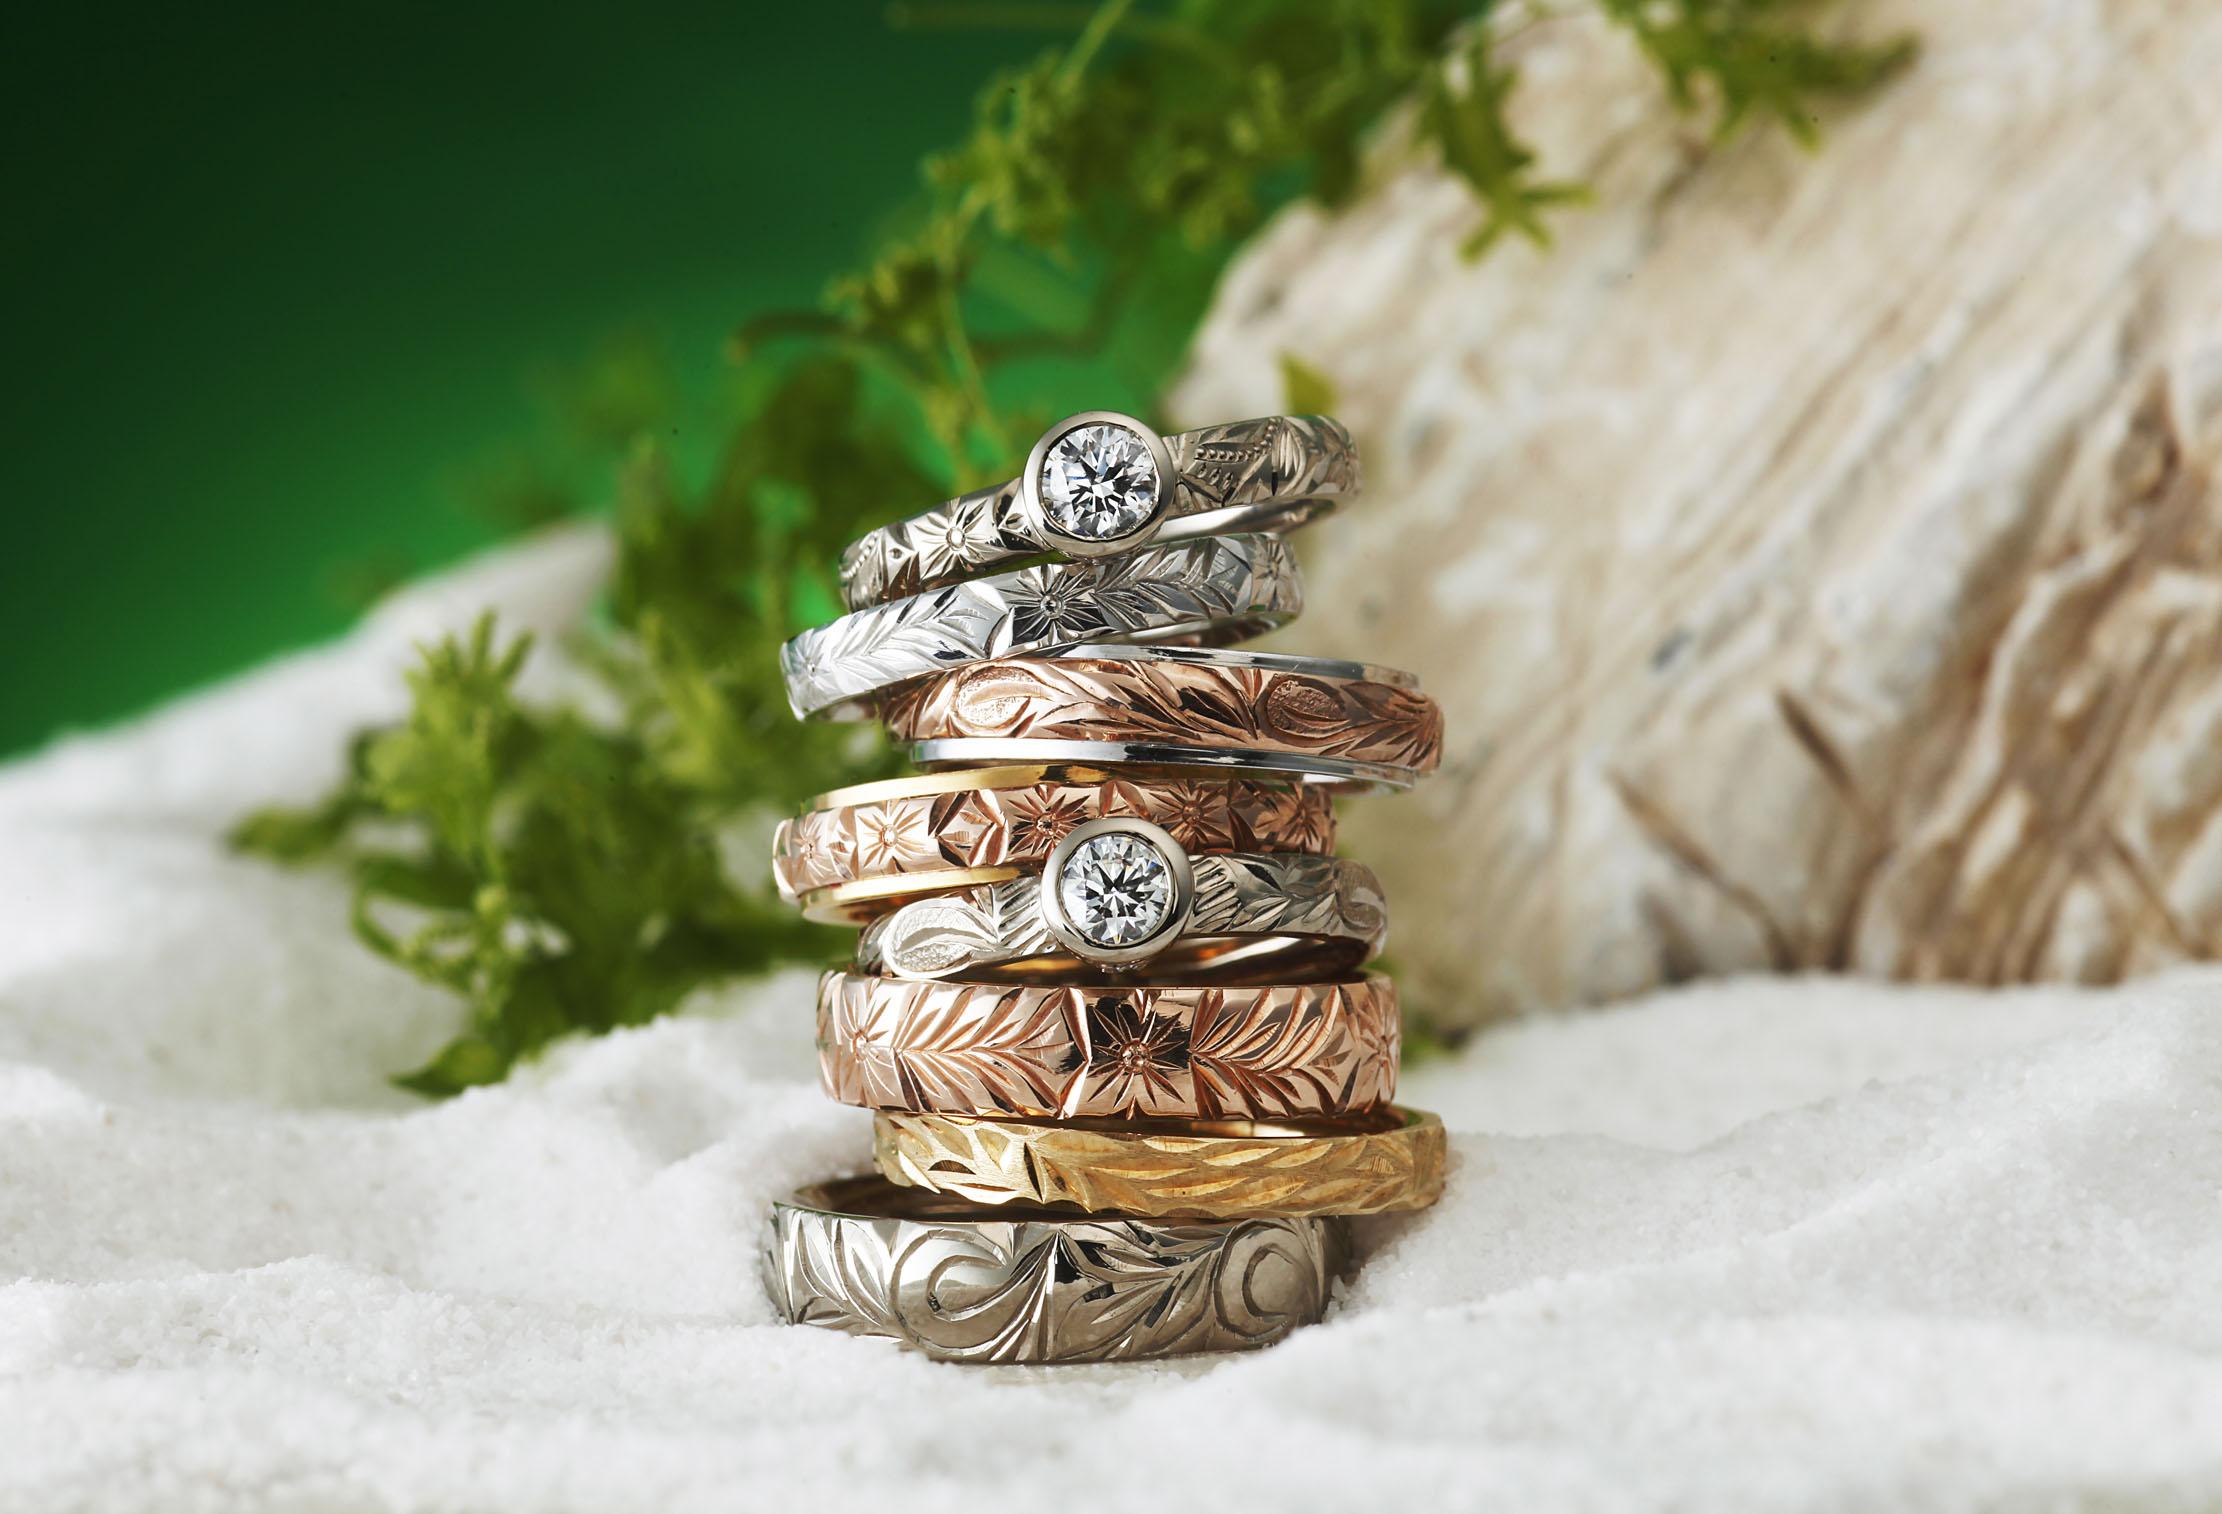 静岡市で探す!ハワイアン結婚指輪・婚約指輪♡ハワイ語でふたりの想いを刻む